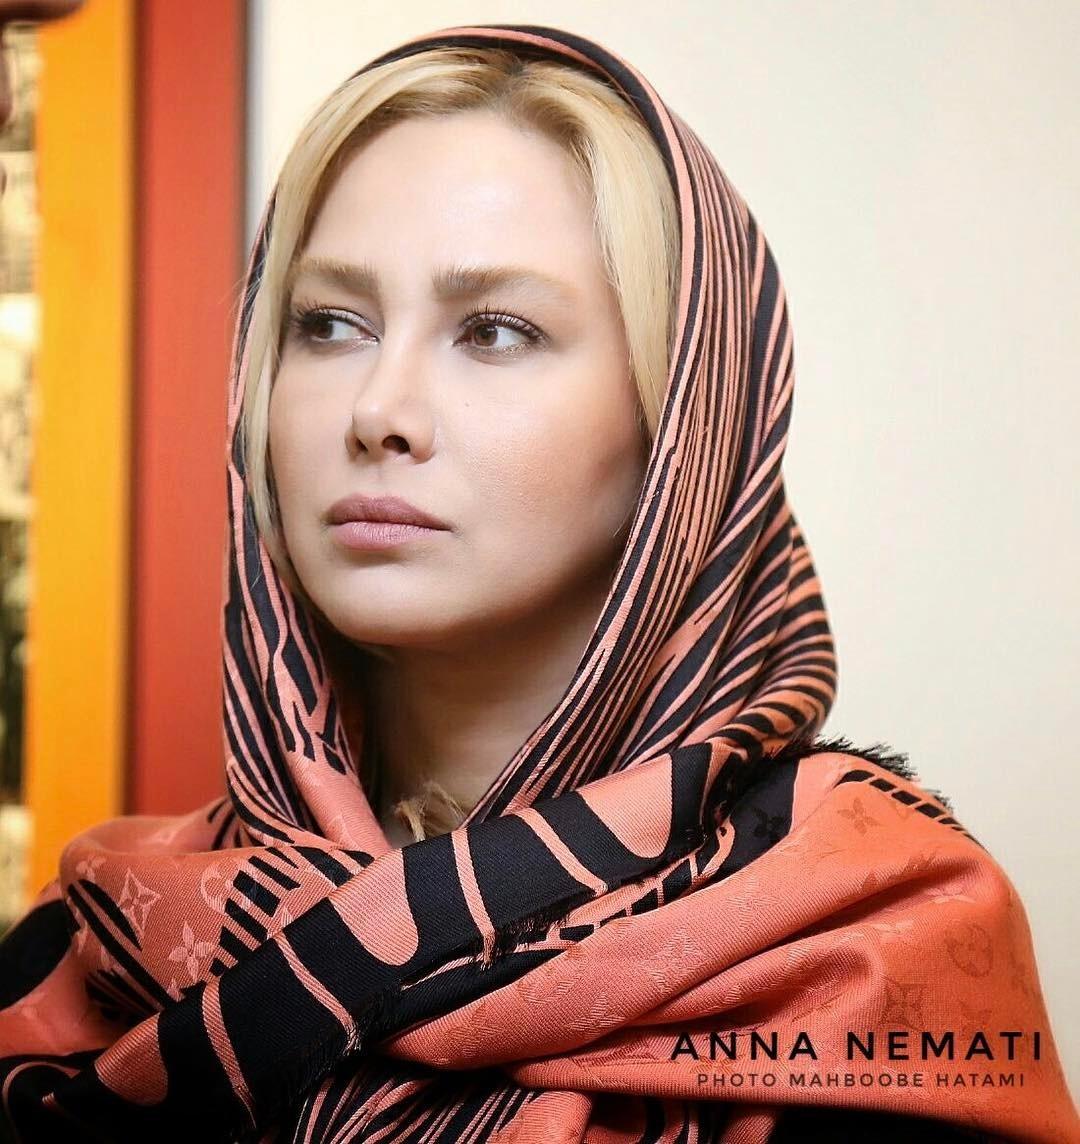 آنا نعمتی در اکران خصوصی مفت اباد +عکس